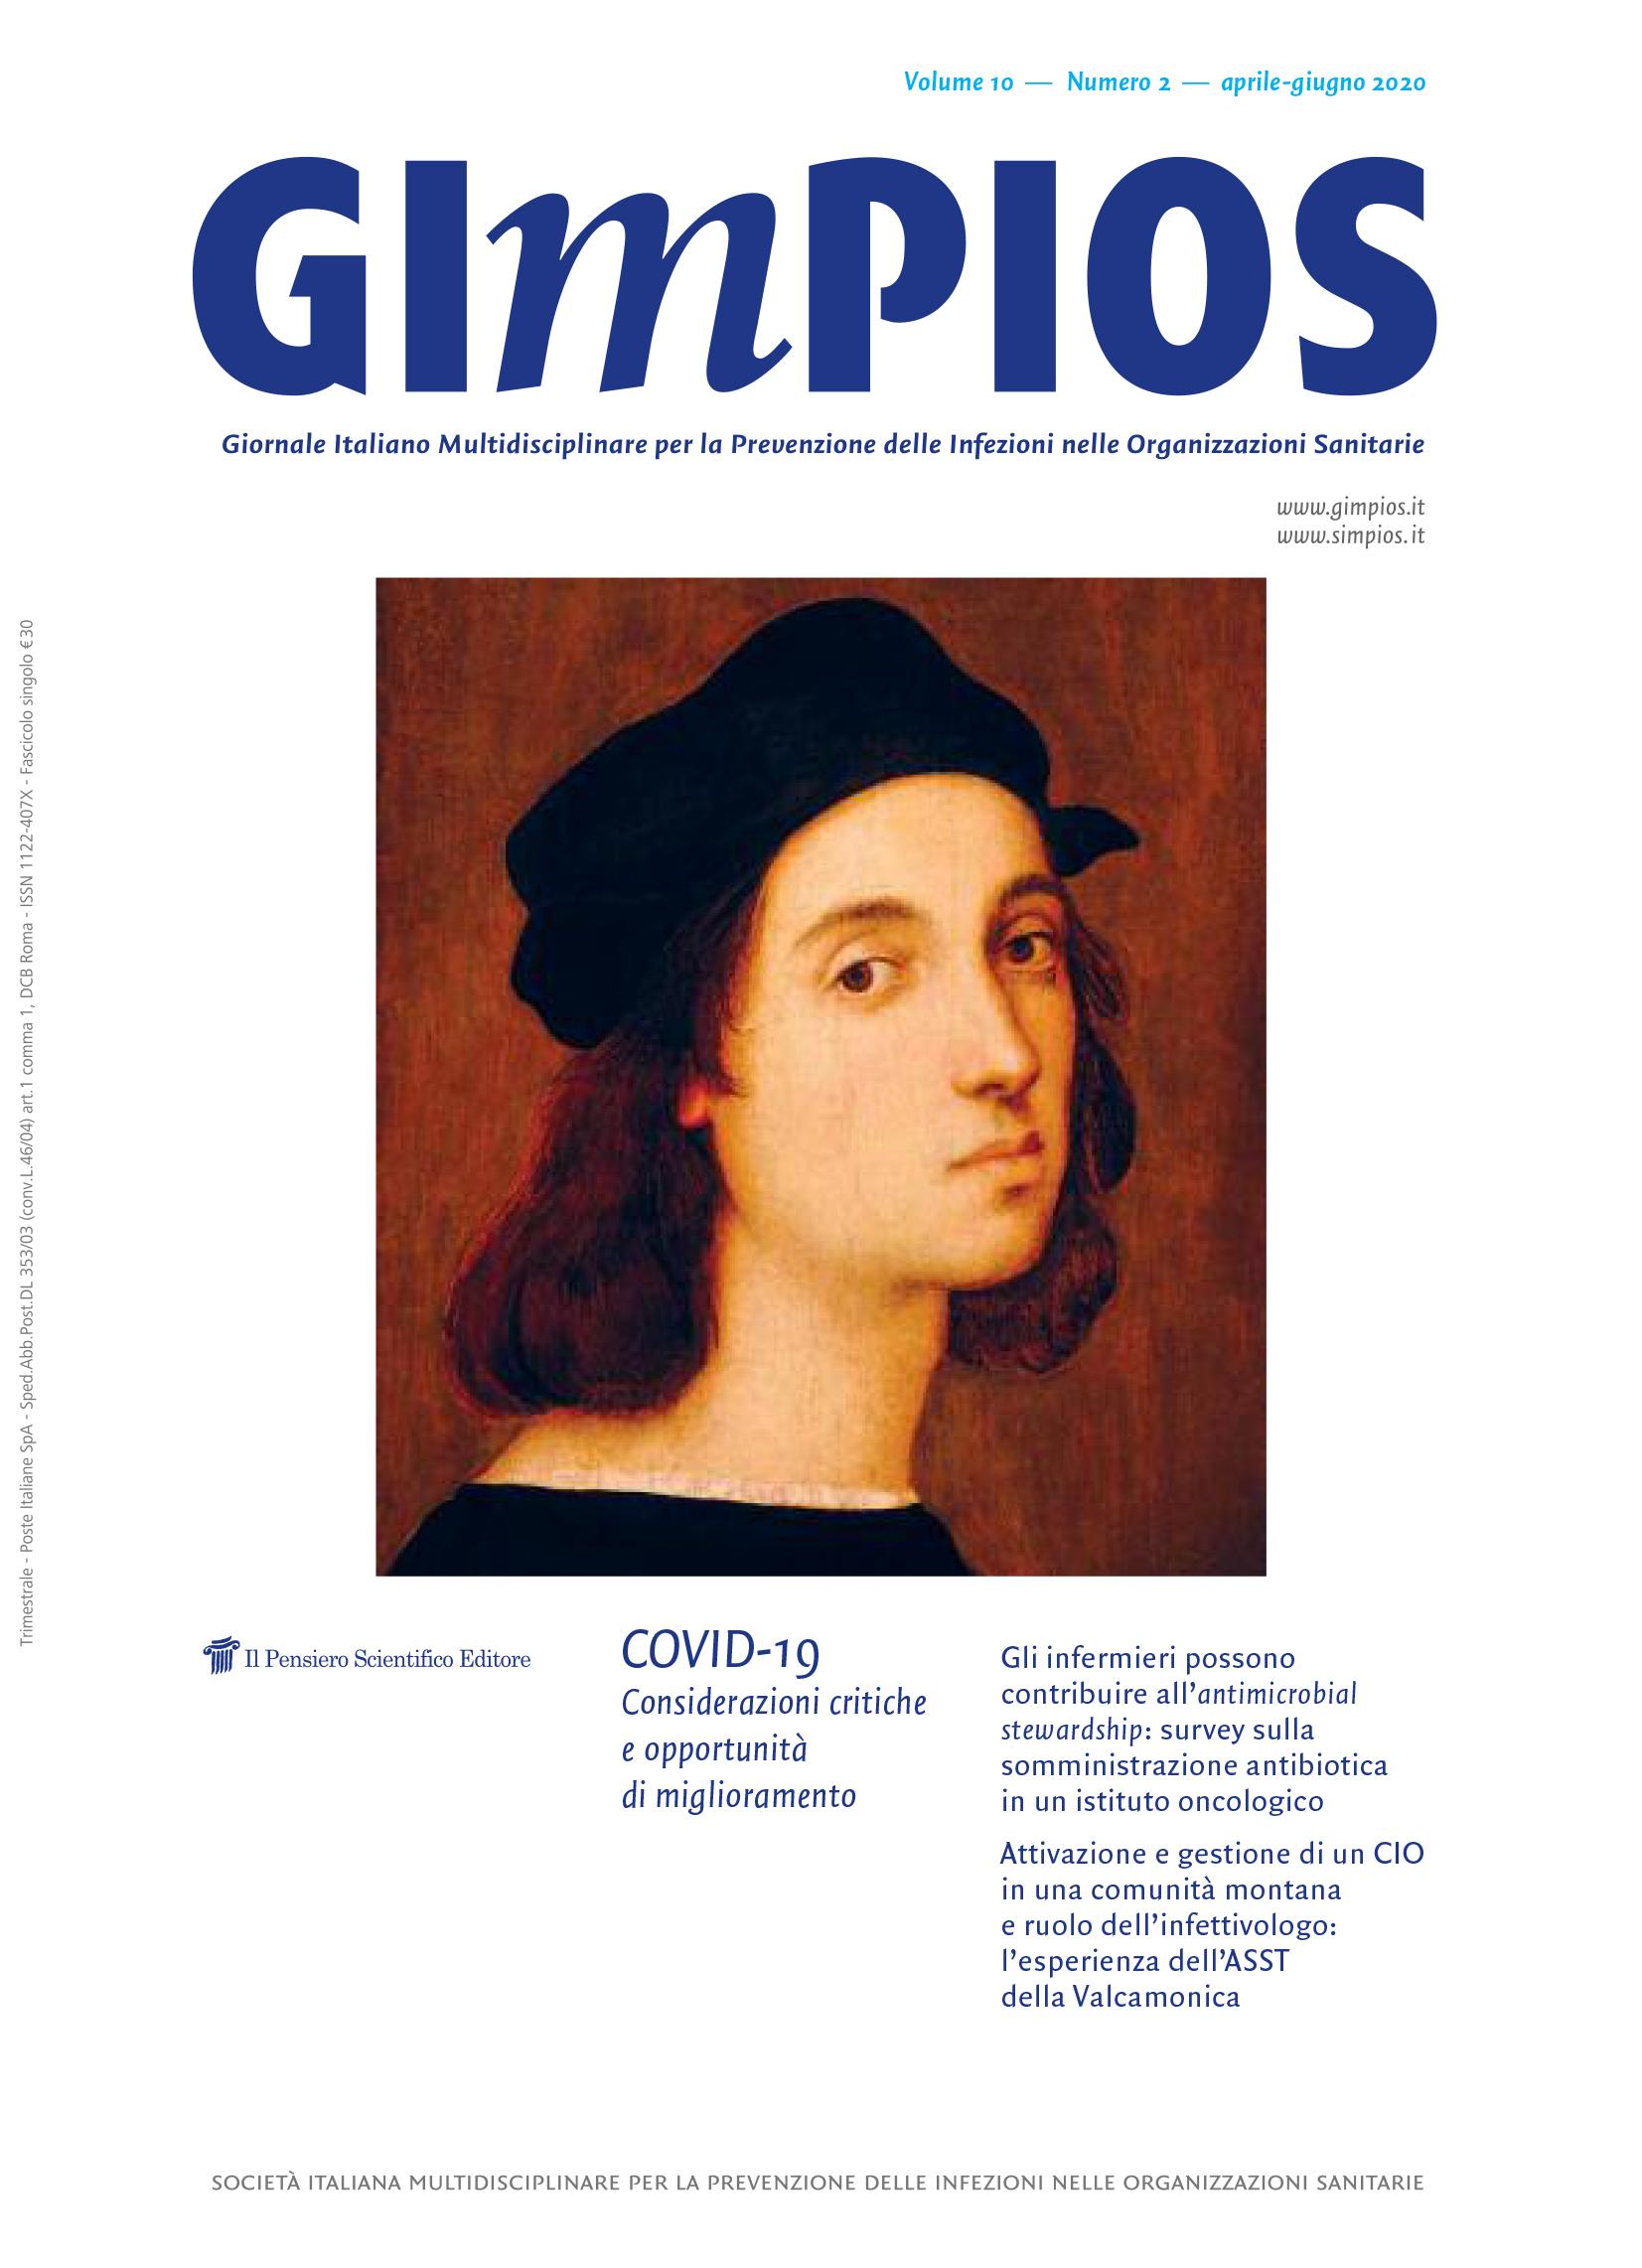 2020 Vol. 10 N. 2 Aprile-Giugno